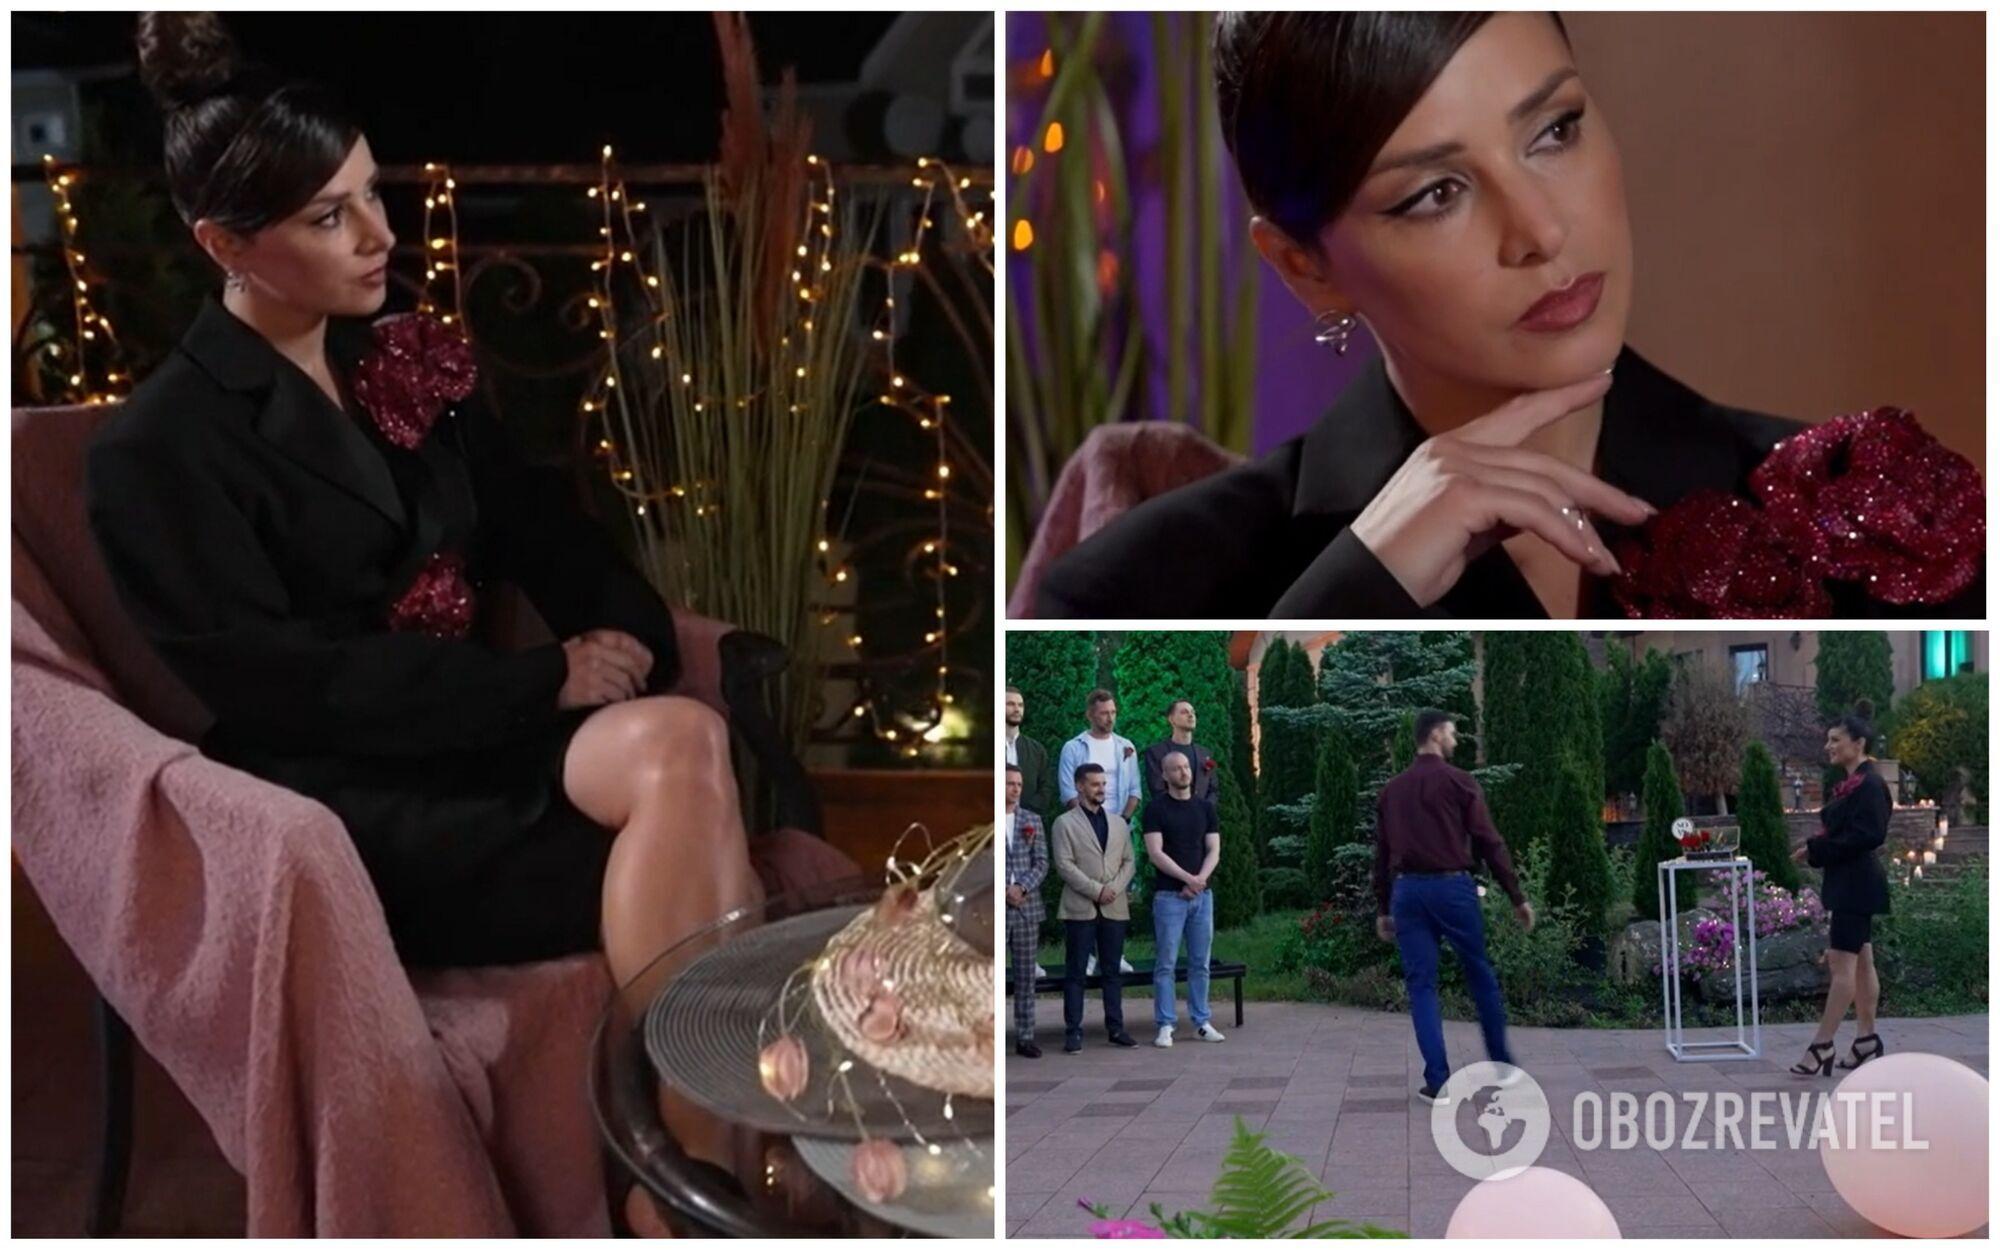 Злата Огнєвіч була на церемонії троянд у чорному маскулінному жакеті з акцентними квітами в тон із помадою